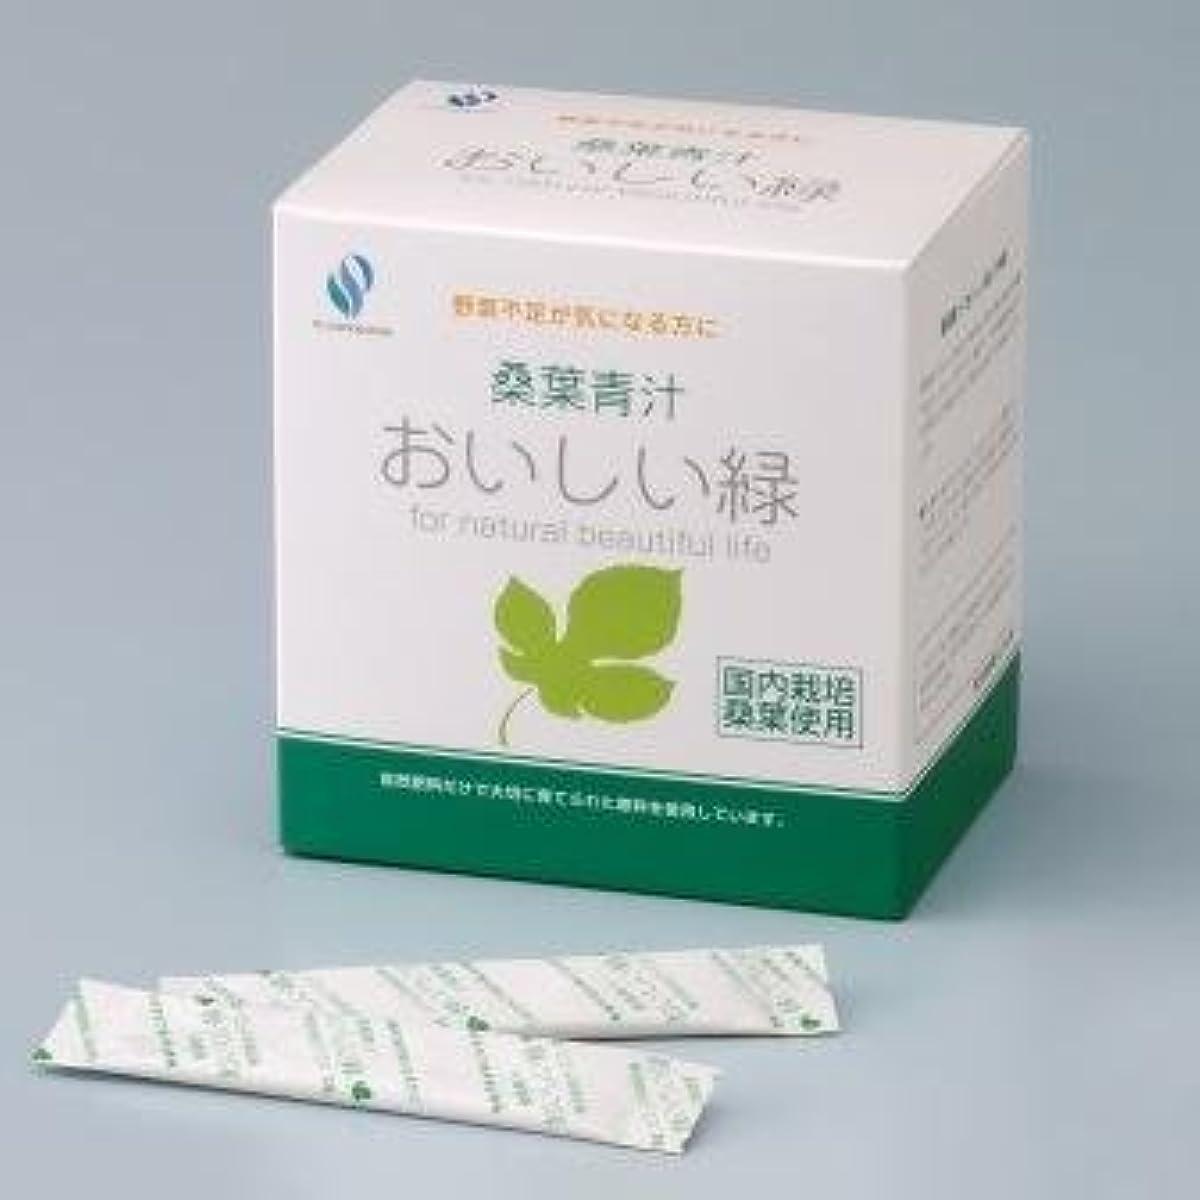 苦しめるプレビュー教育【栄養補助食品】 桑葉青汁 おいしい緑 (本体(2gx60本入り))